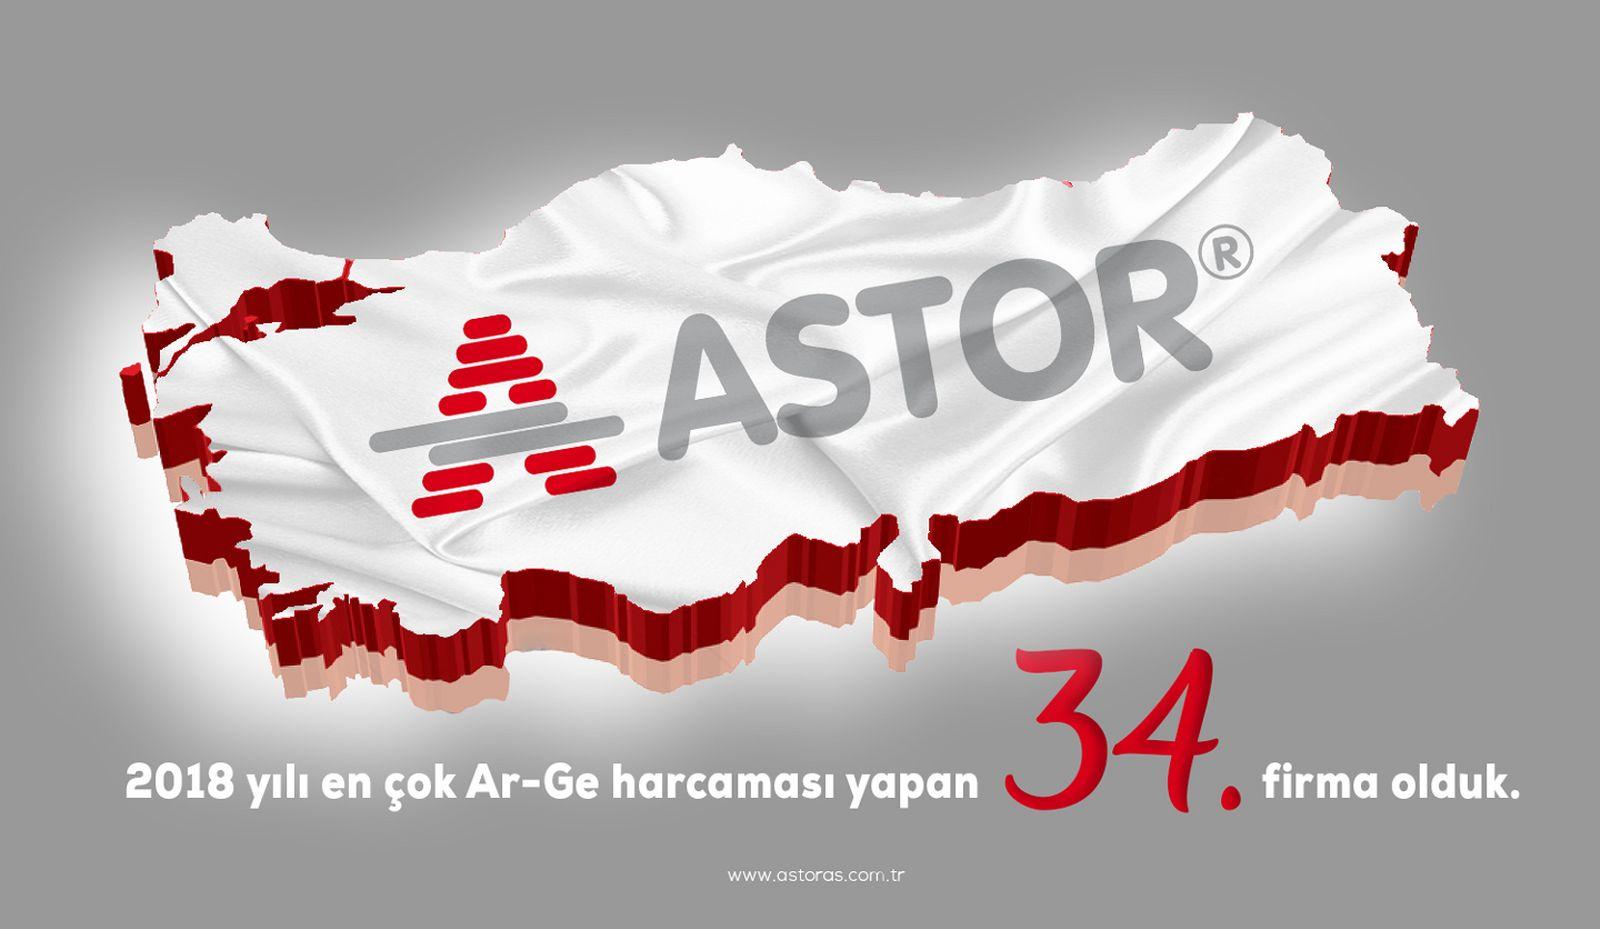 ASTOR 2018 yılı en çok Ar-Ge harcaması yapan 34. firma olduk.